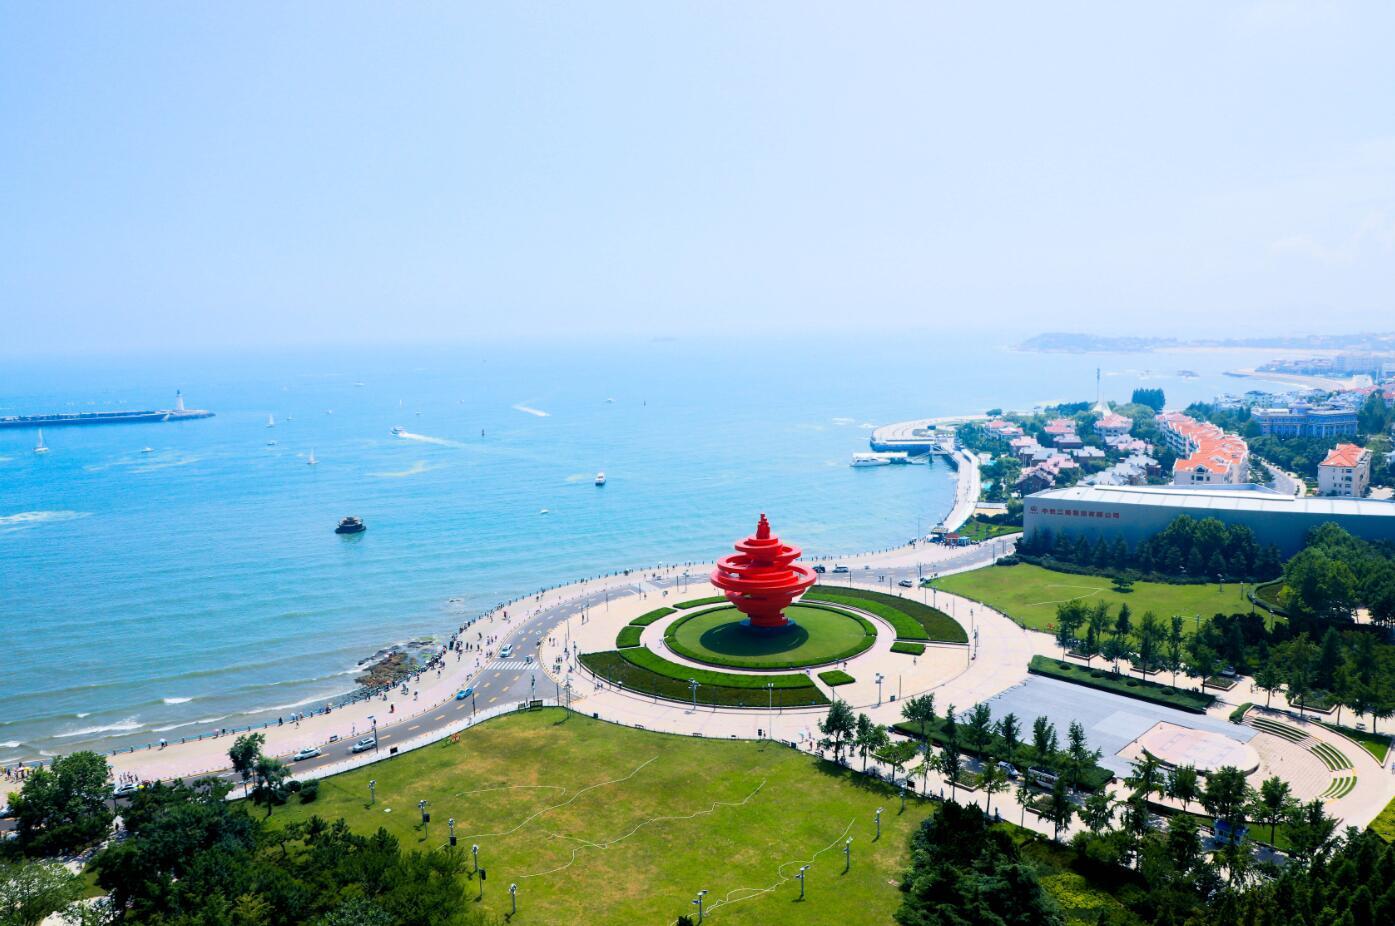 青岛风景.jpg